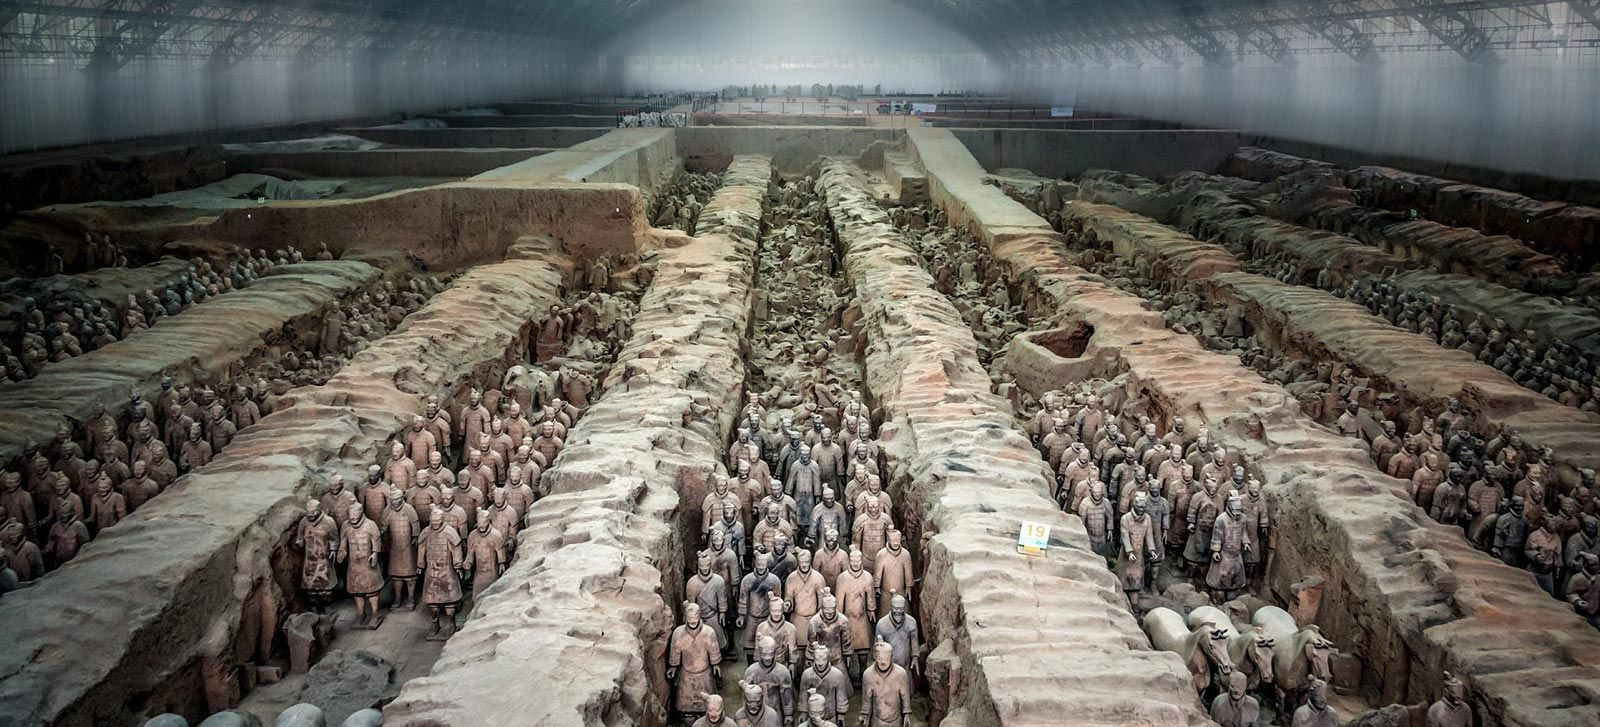 penemuan tentera terracotta di china